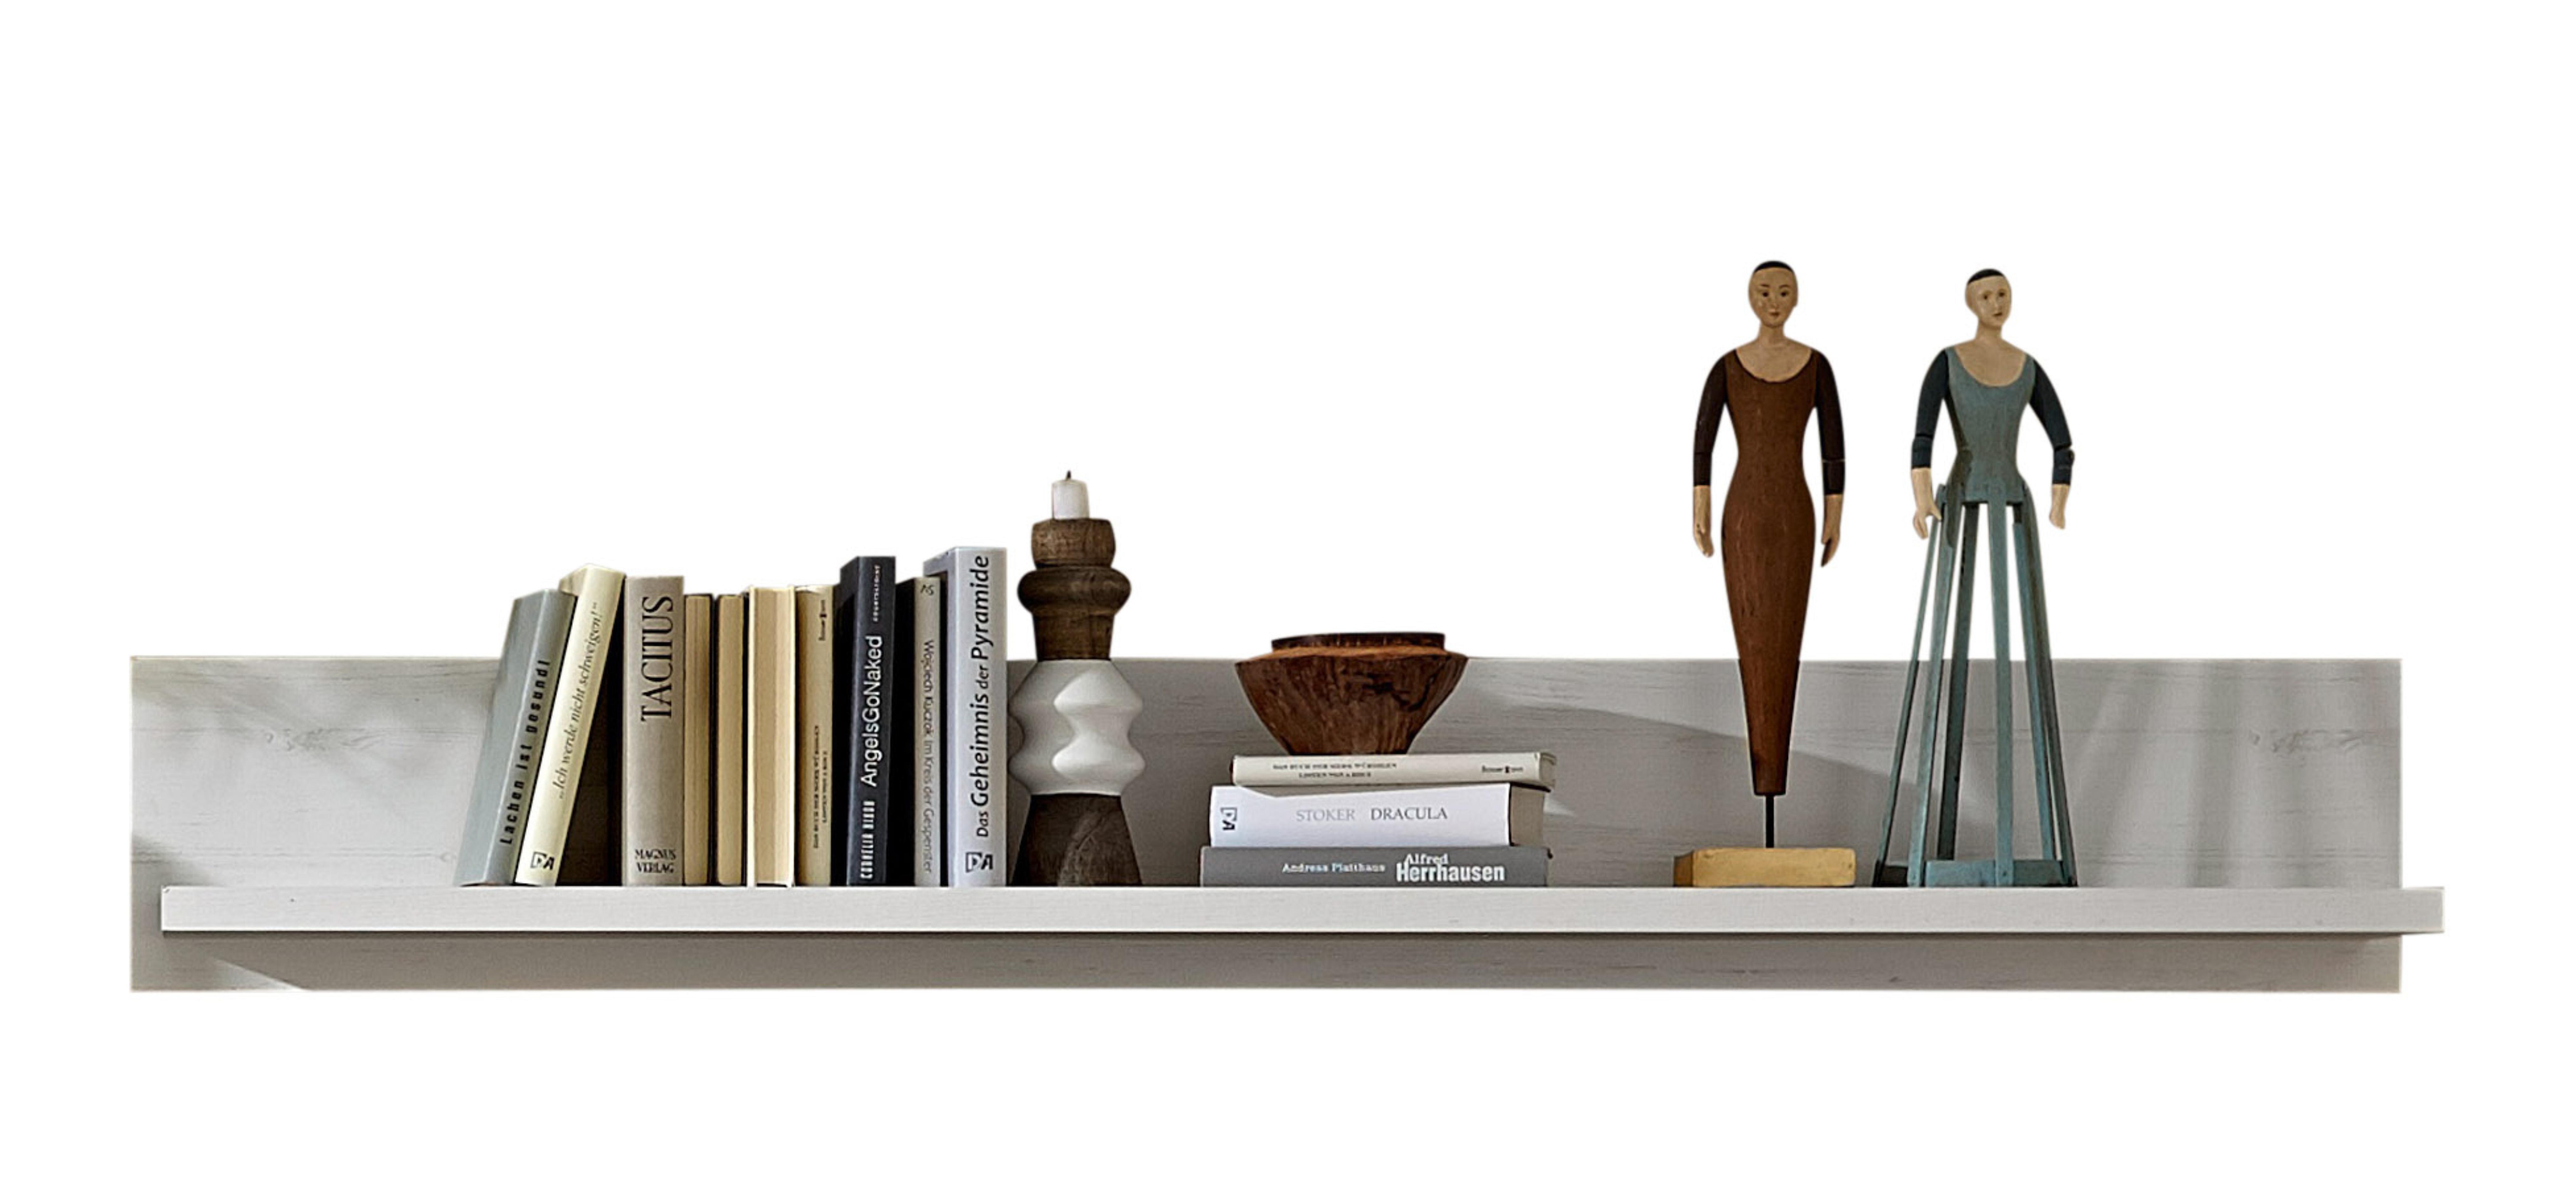 Attractive Bestellen Sie Jetzt Ihren Wohnwand Wohnzimmer Set